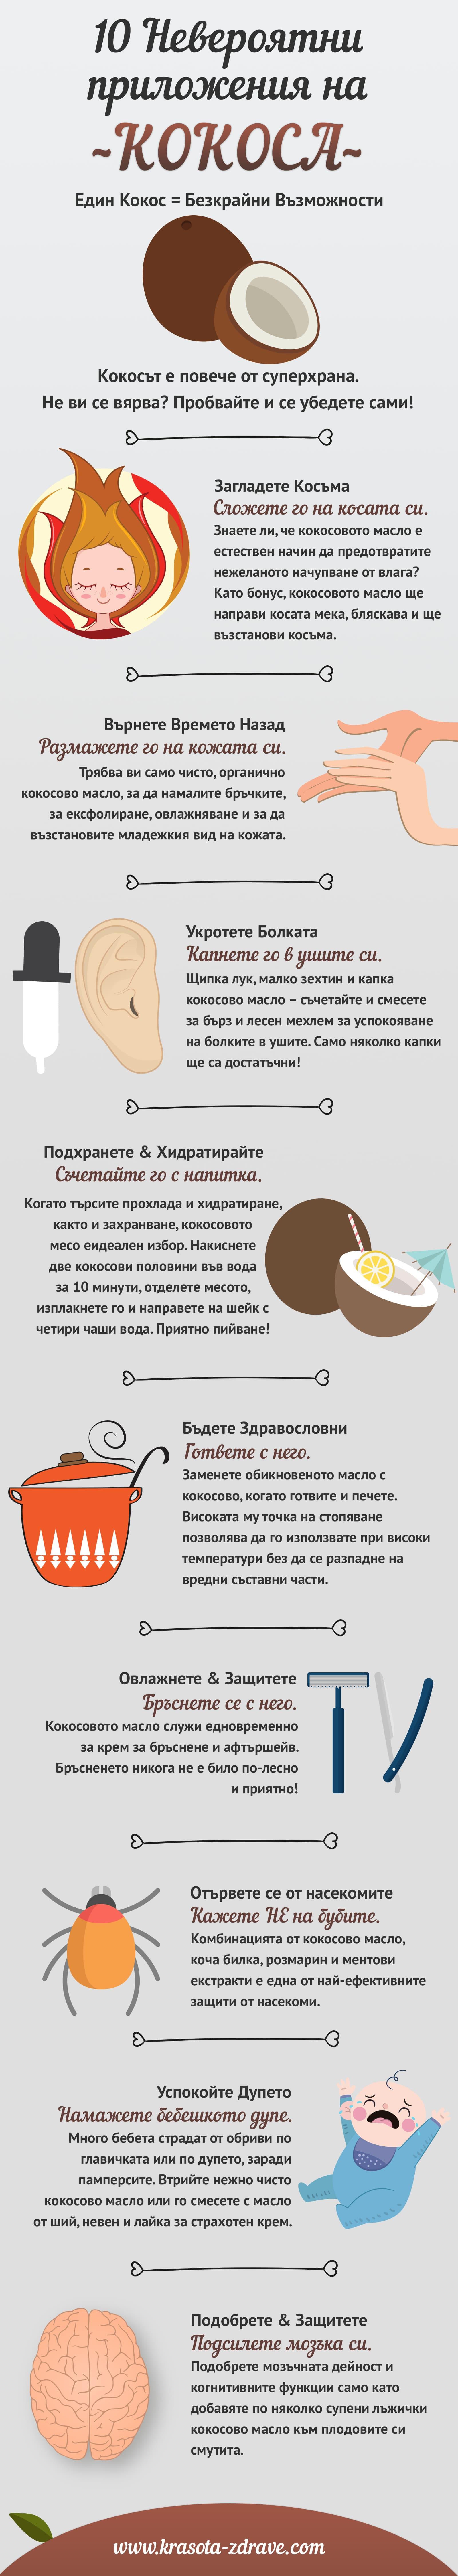 инфографика приложения кокос